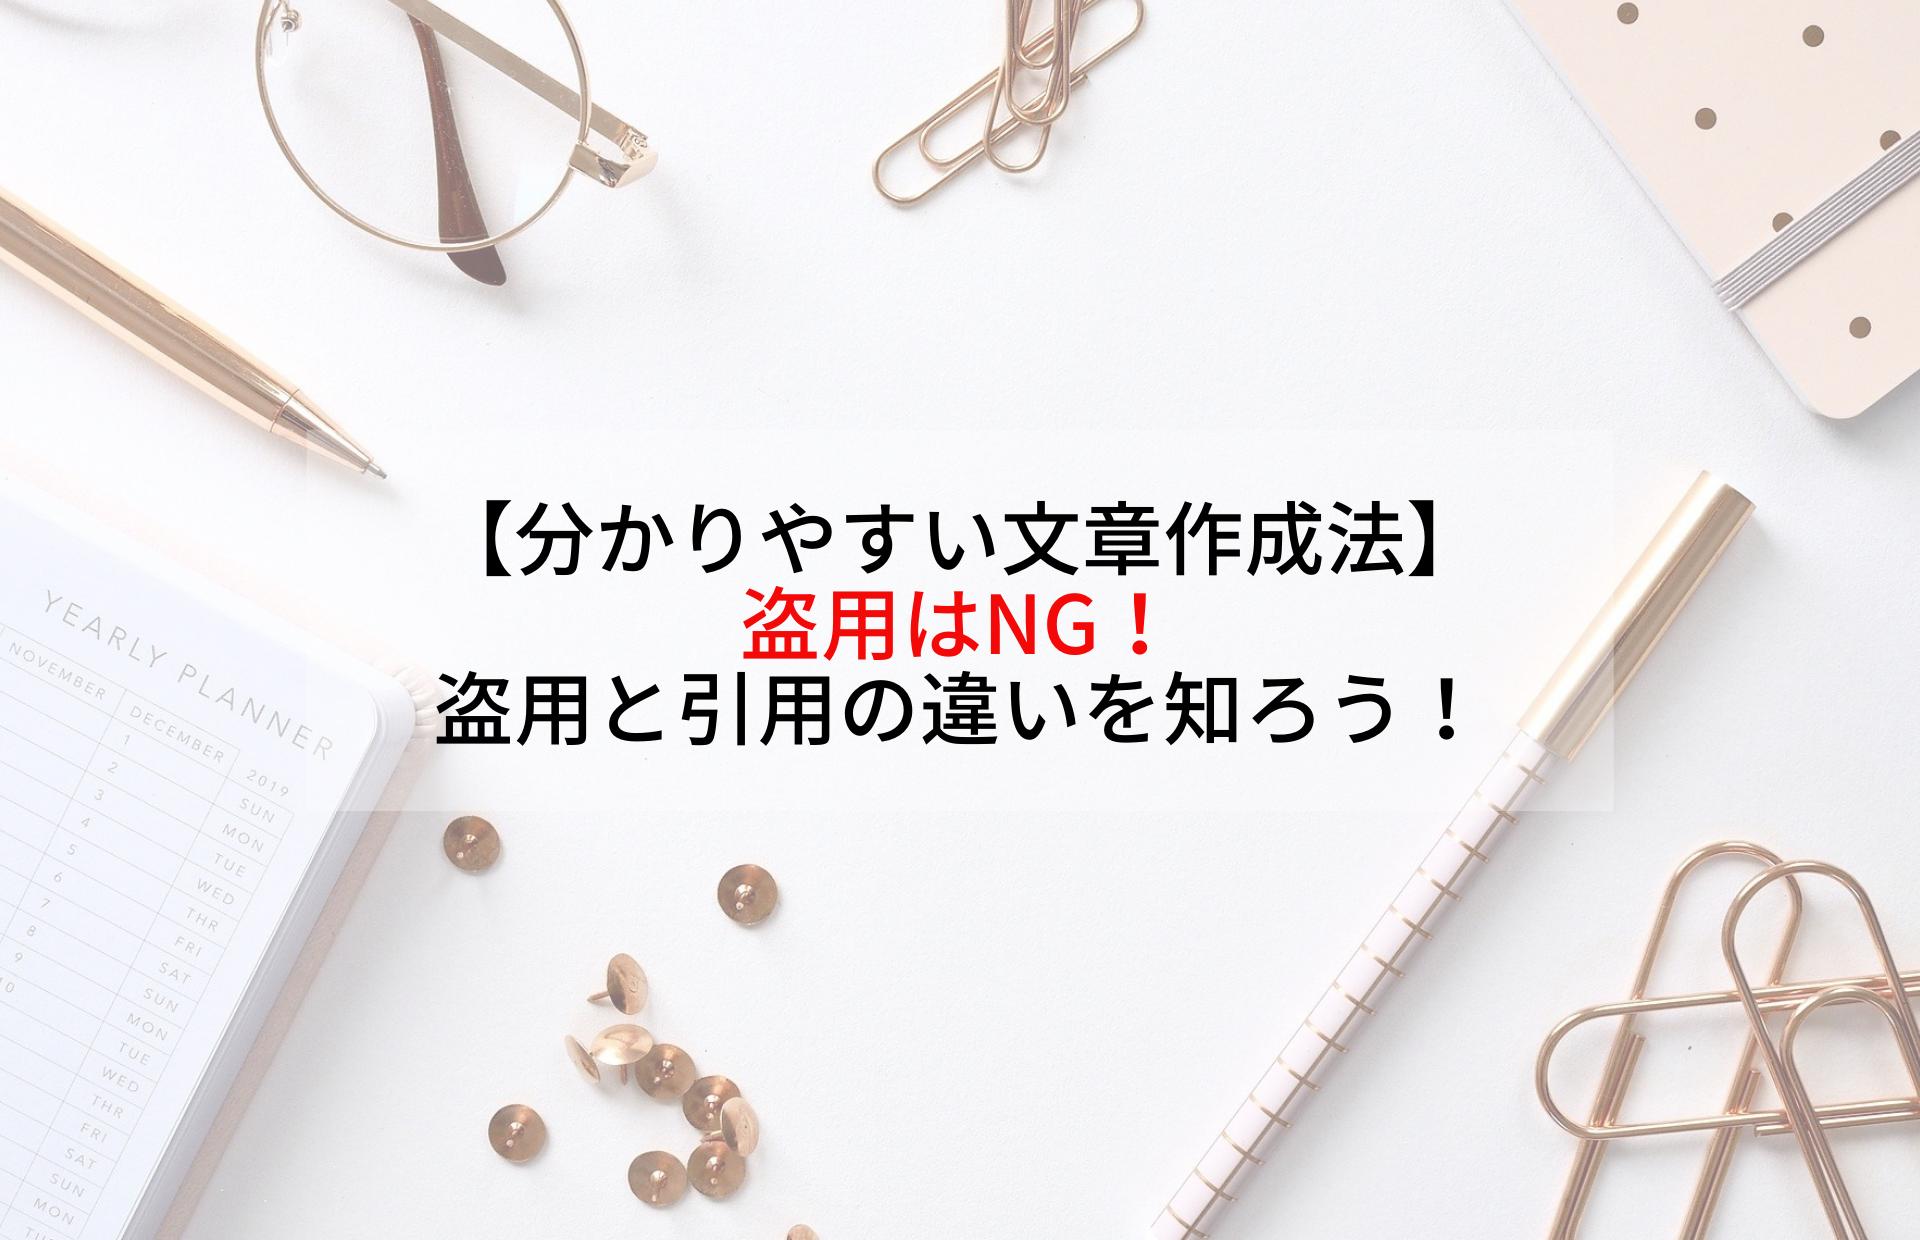 【分かりやすい文章作成法】盗用はNG!盗用と引用の違いを知ろう!